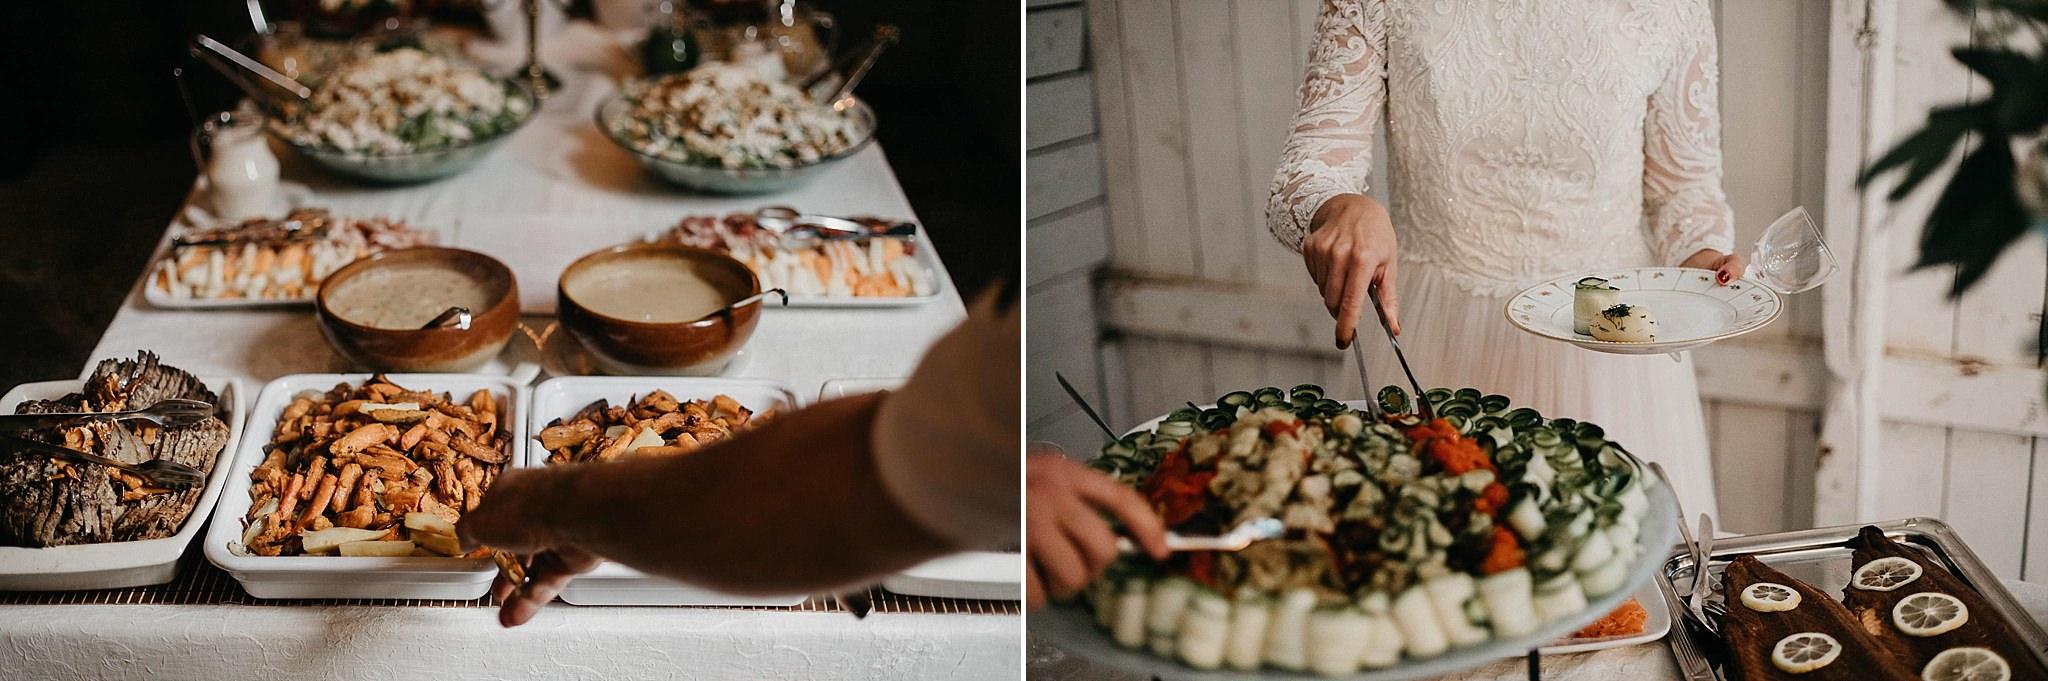 Haakuvaus_wedding_jyvaskyla_muurame_tuomiston_tila_0104.jpg